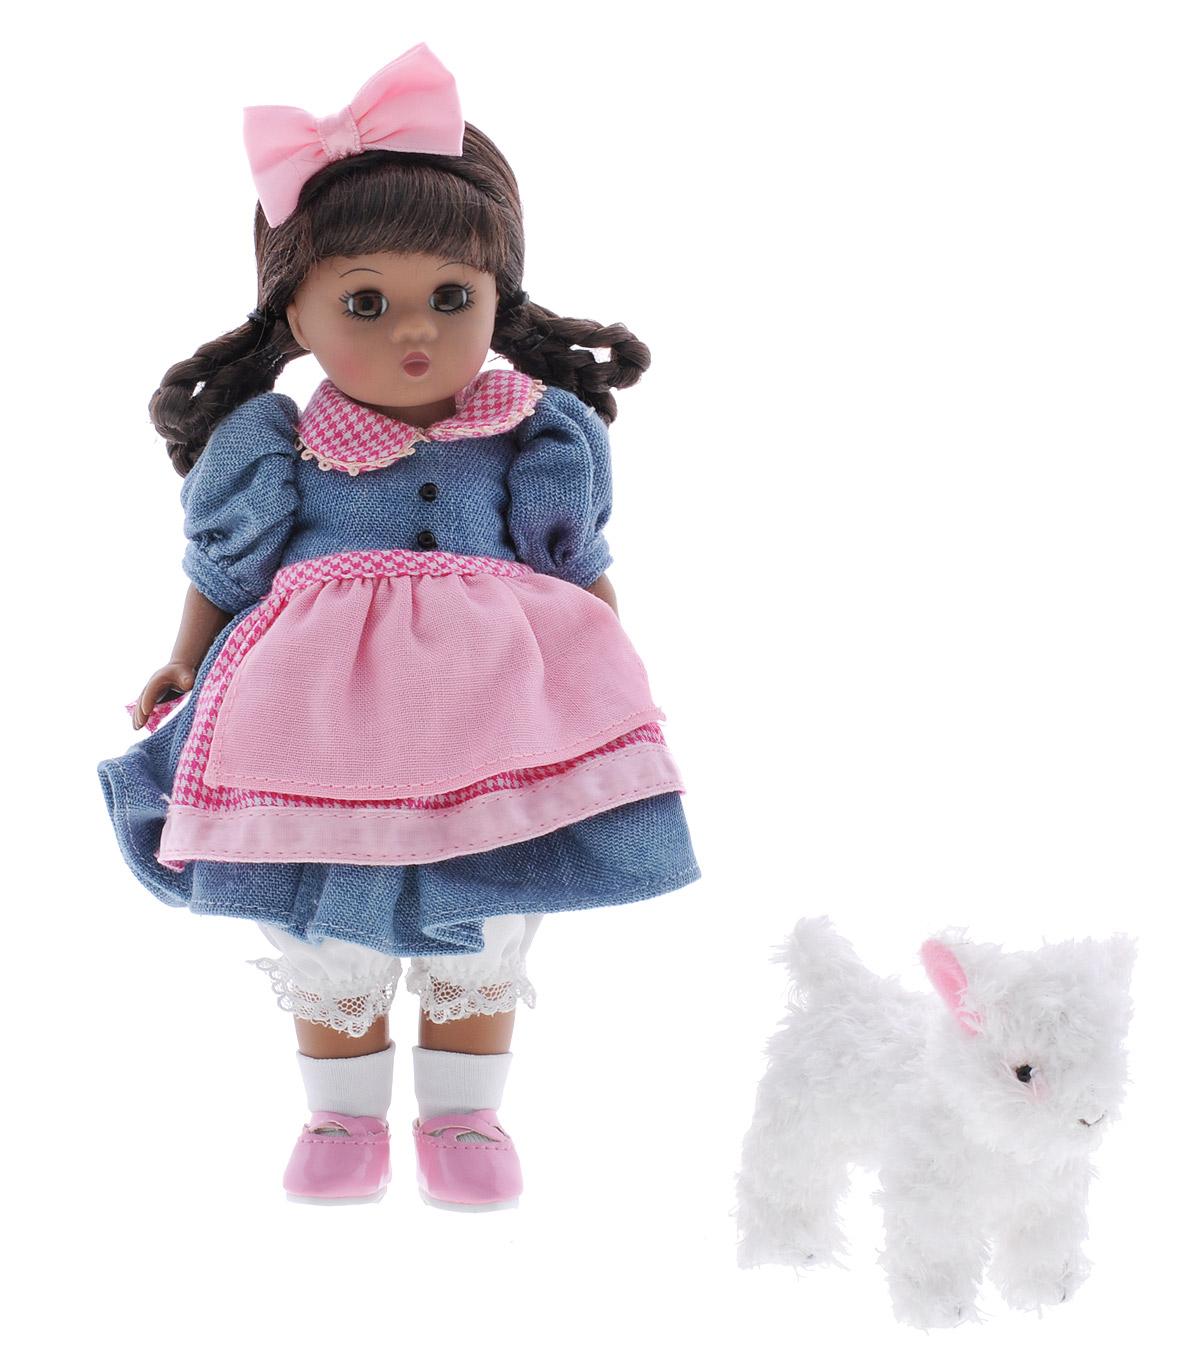 Madame Alexander Мини-кукла Мэри с барашком фигурки игрушки madame alexander набор кукол кристофер робин и его друзья 20 см коллекционные